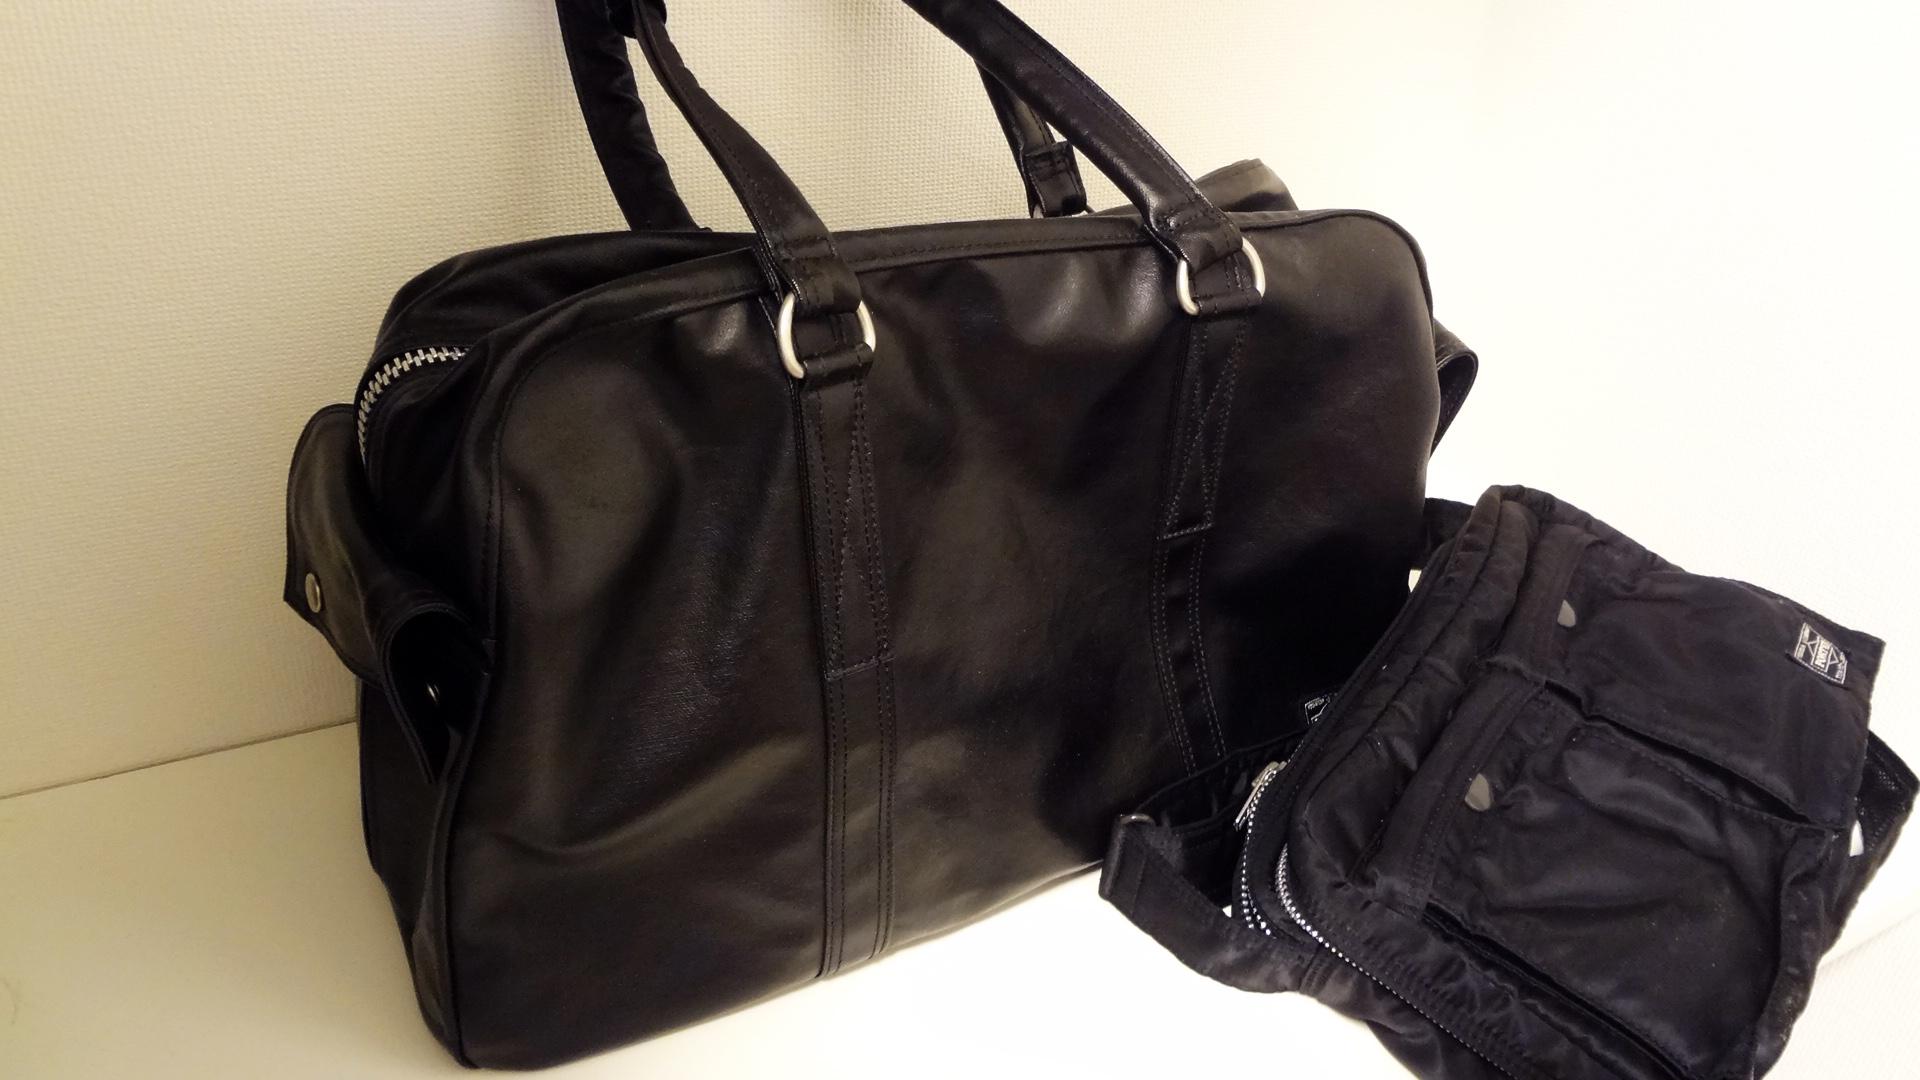 【メンズ】バッグの所持数は平均どれくらい?最低何個持つべき?